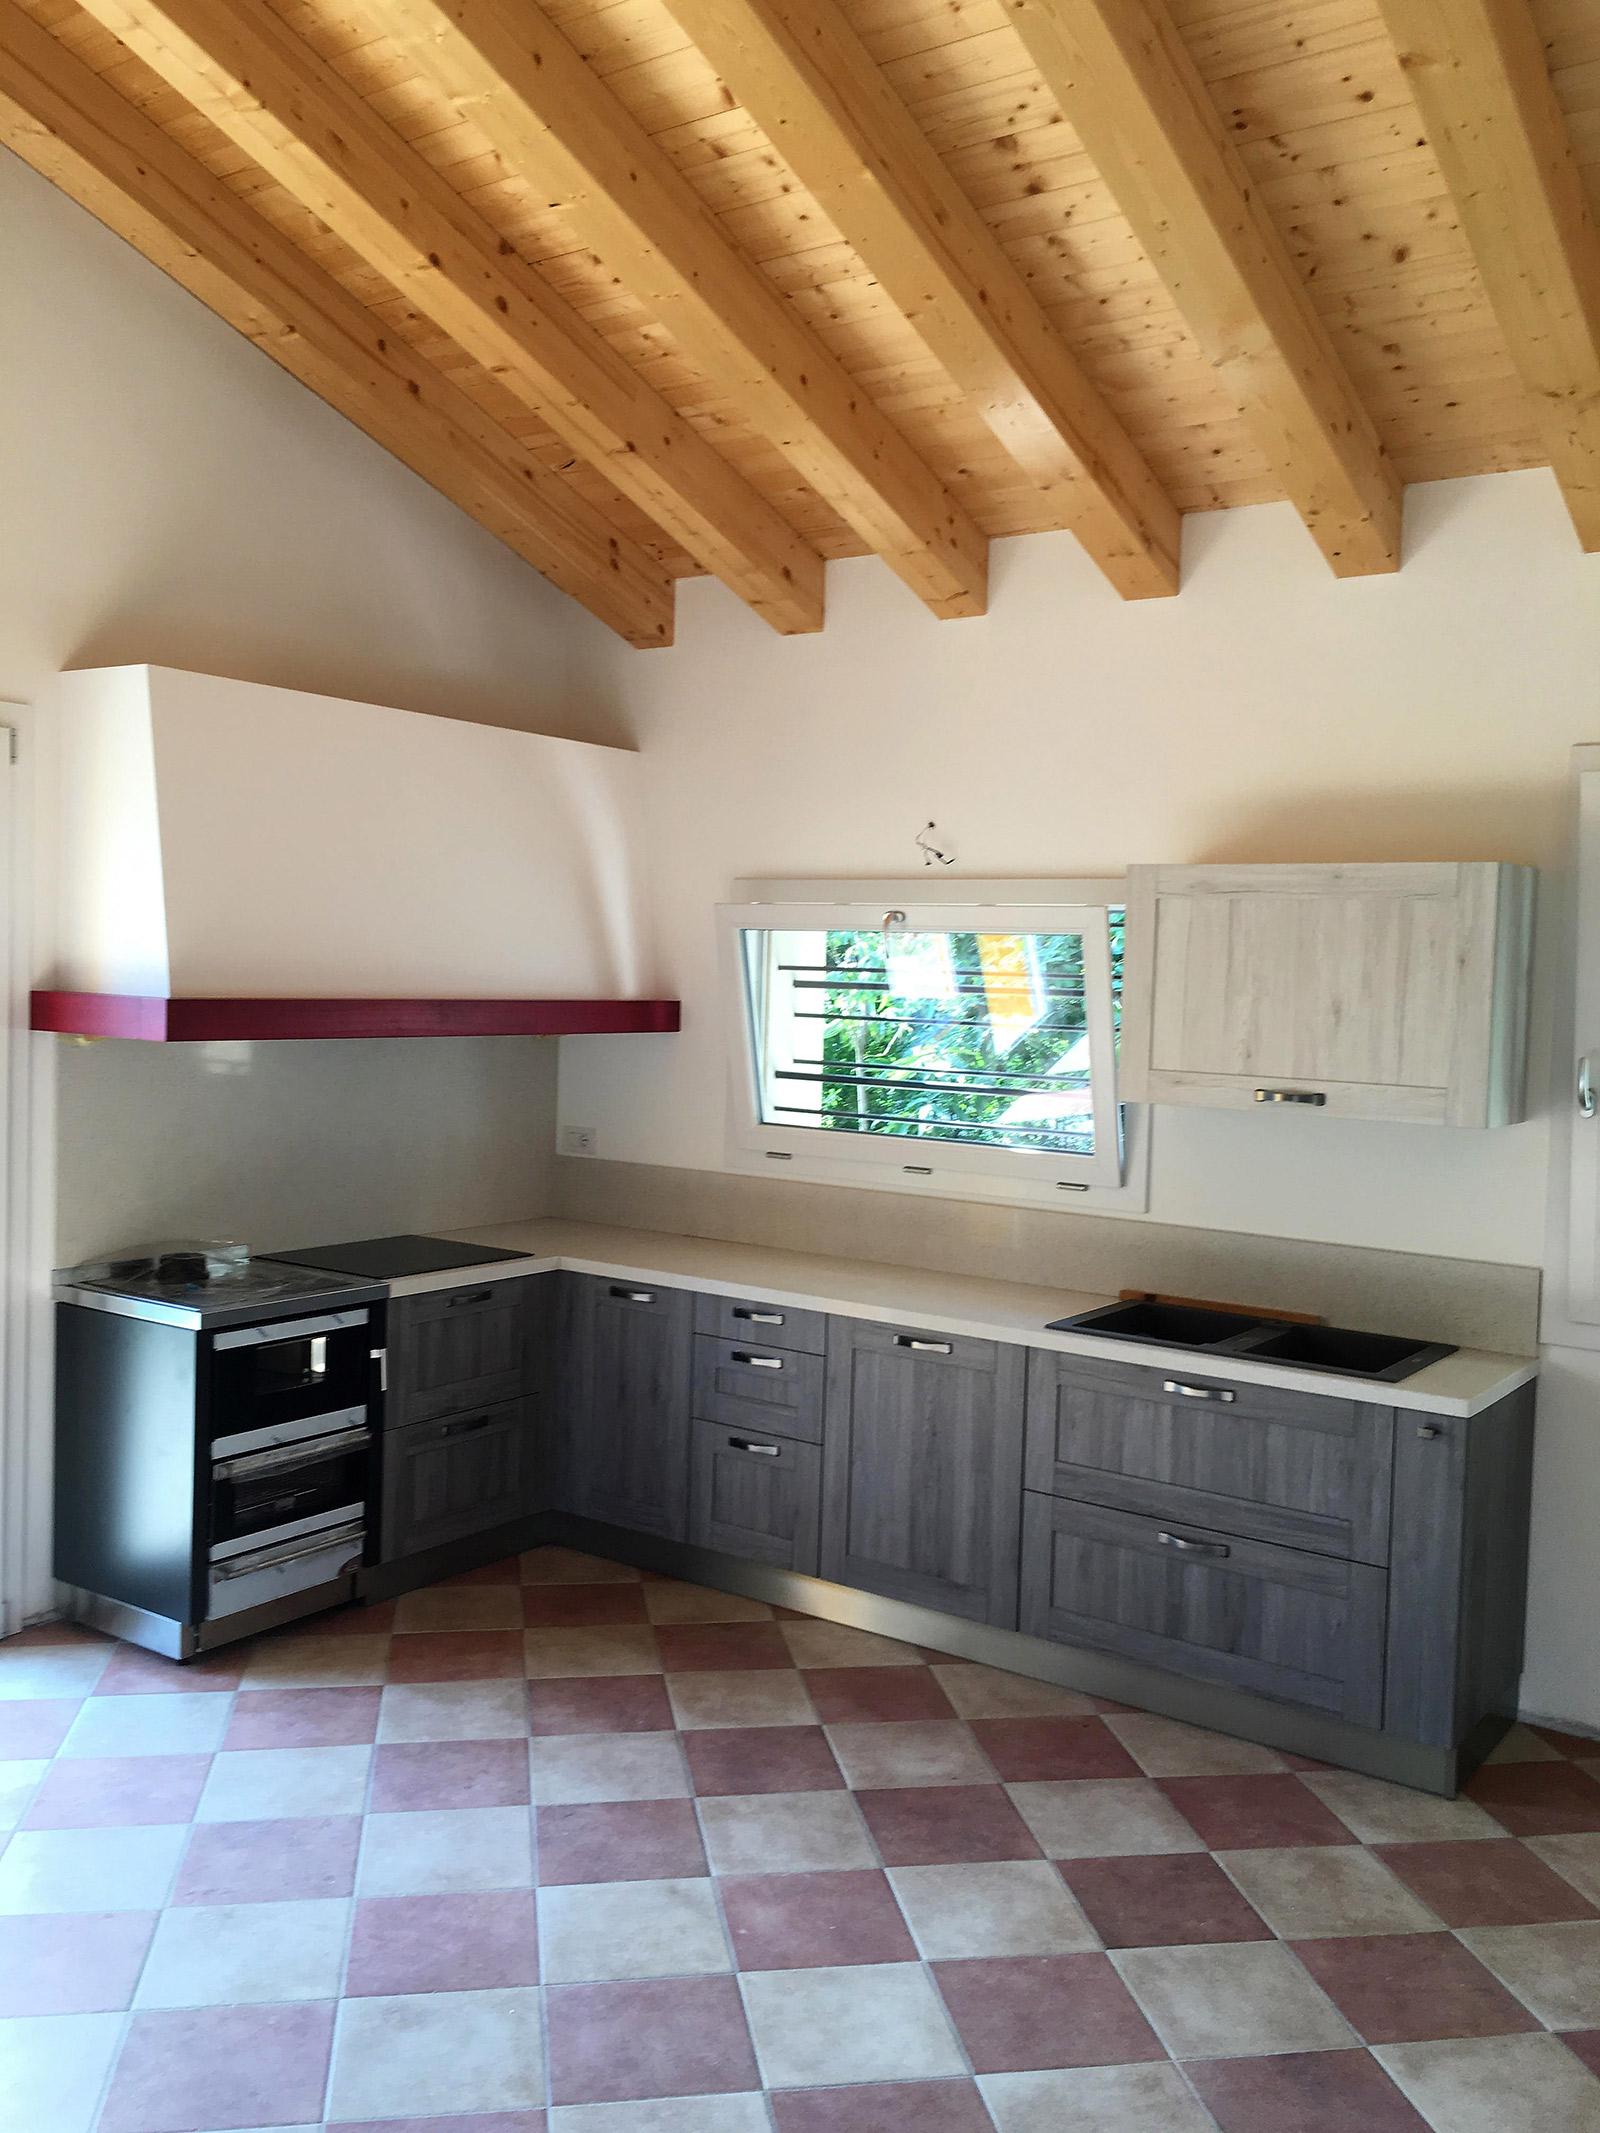 Cucina con cappa su misura con trave rosso - Abitazione privata a Crocetta del Montello vicino Montebelluna